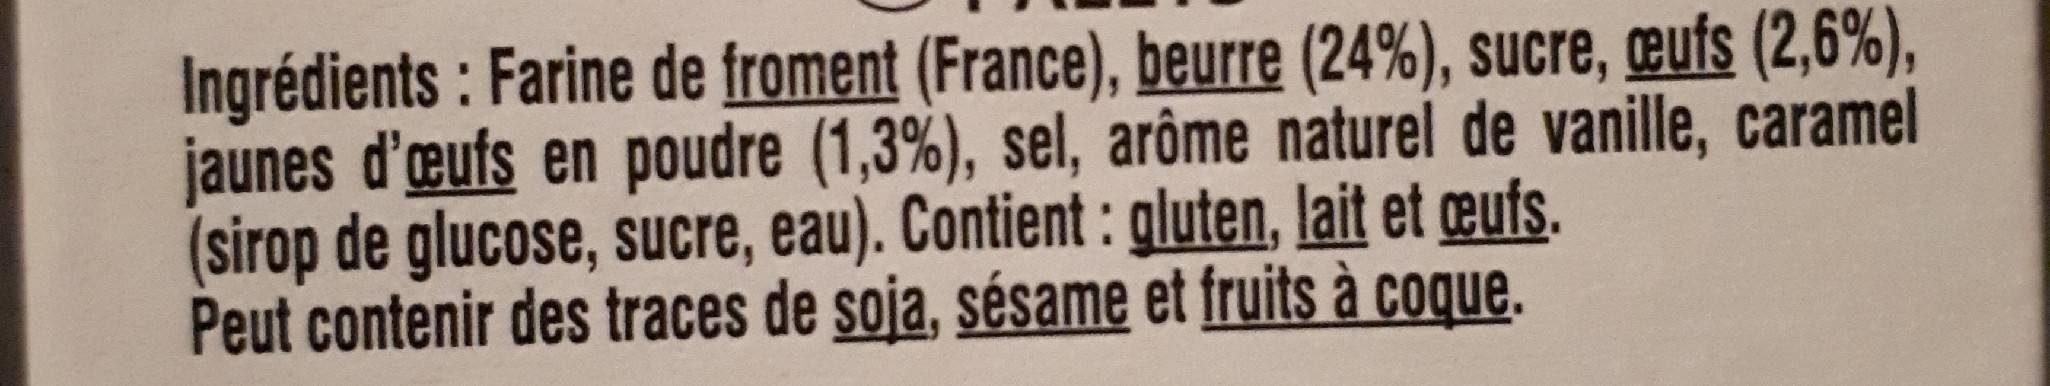 Palets pur beurre - Ingrediënten - fr